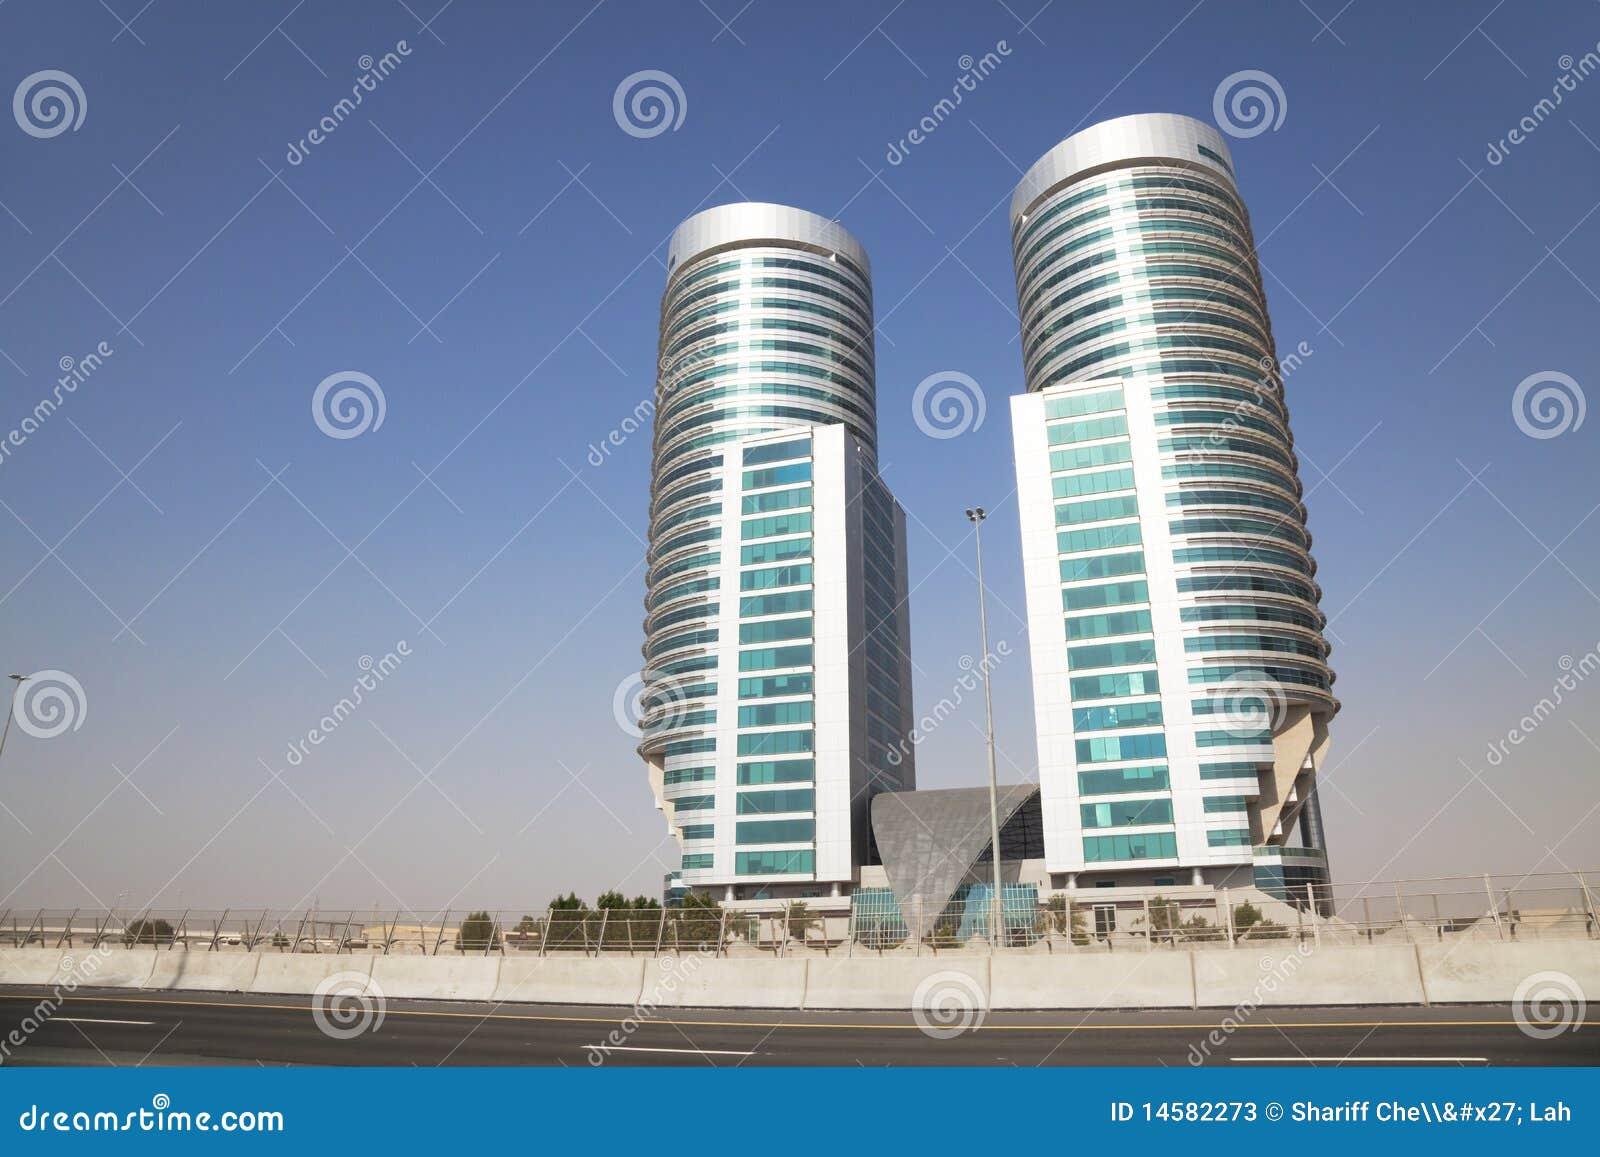 Edificios Modernos En El Desierto Dubai Uae Fotos De